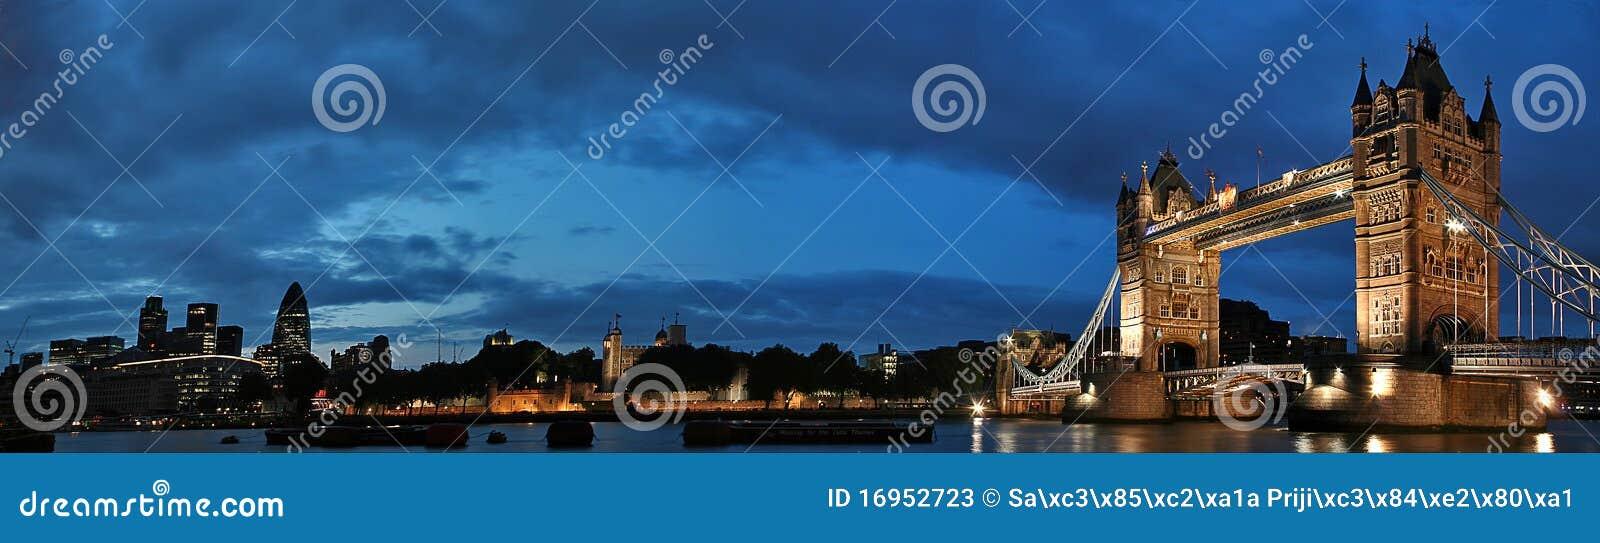 De brug van Londen Towe